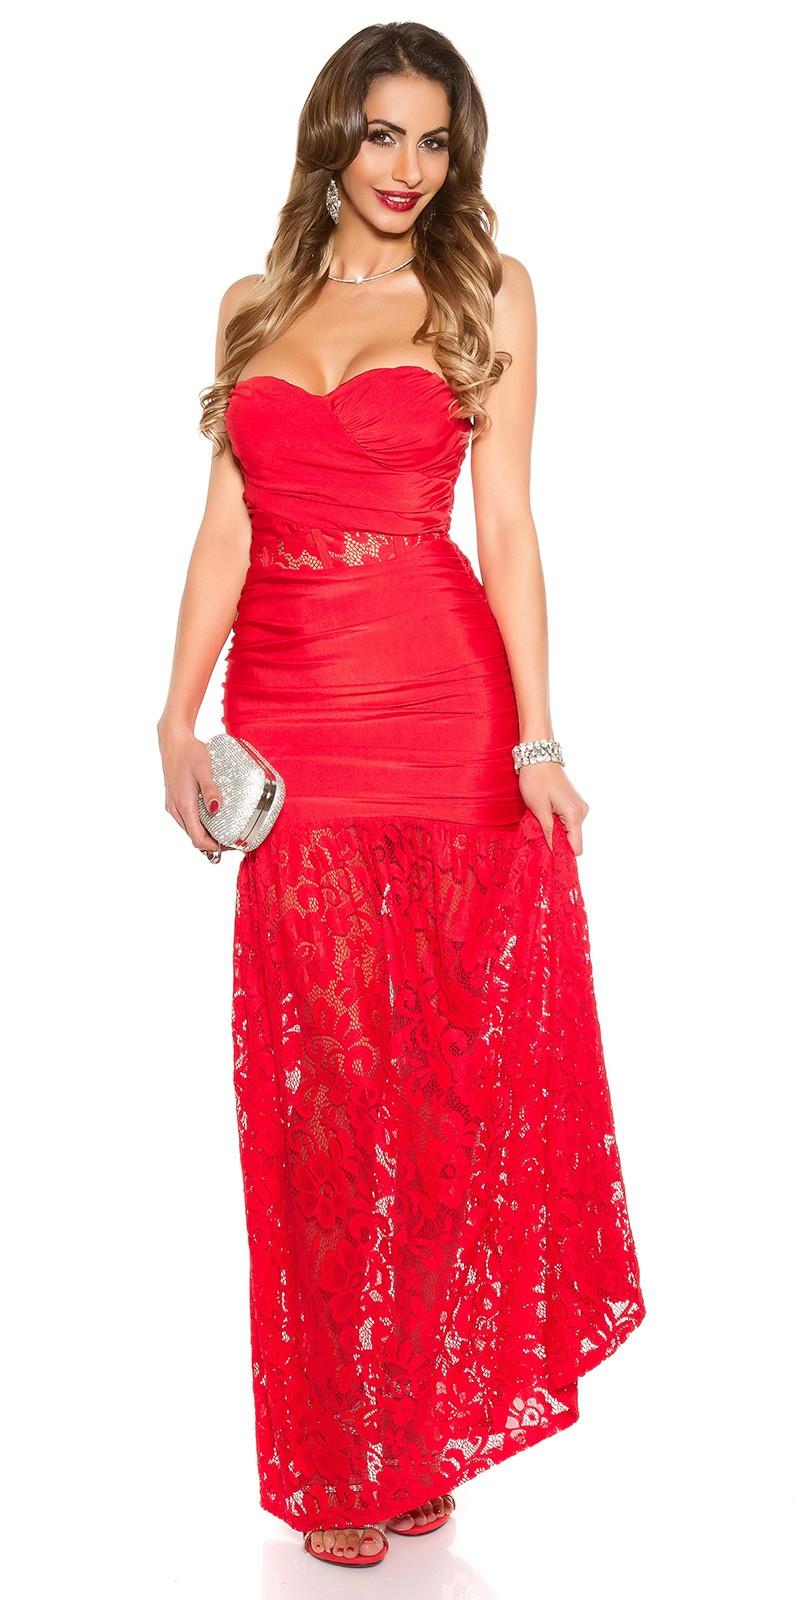 pretty nice 481ce 51705 AL100 Abito da cerimonia lungo elegante rosso abito da sera